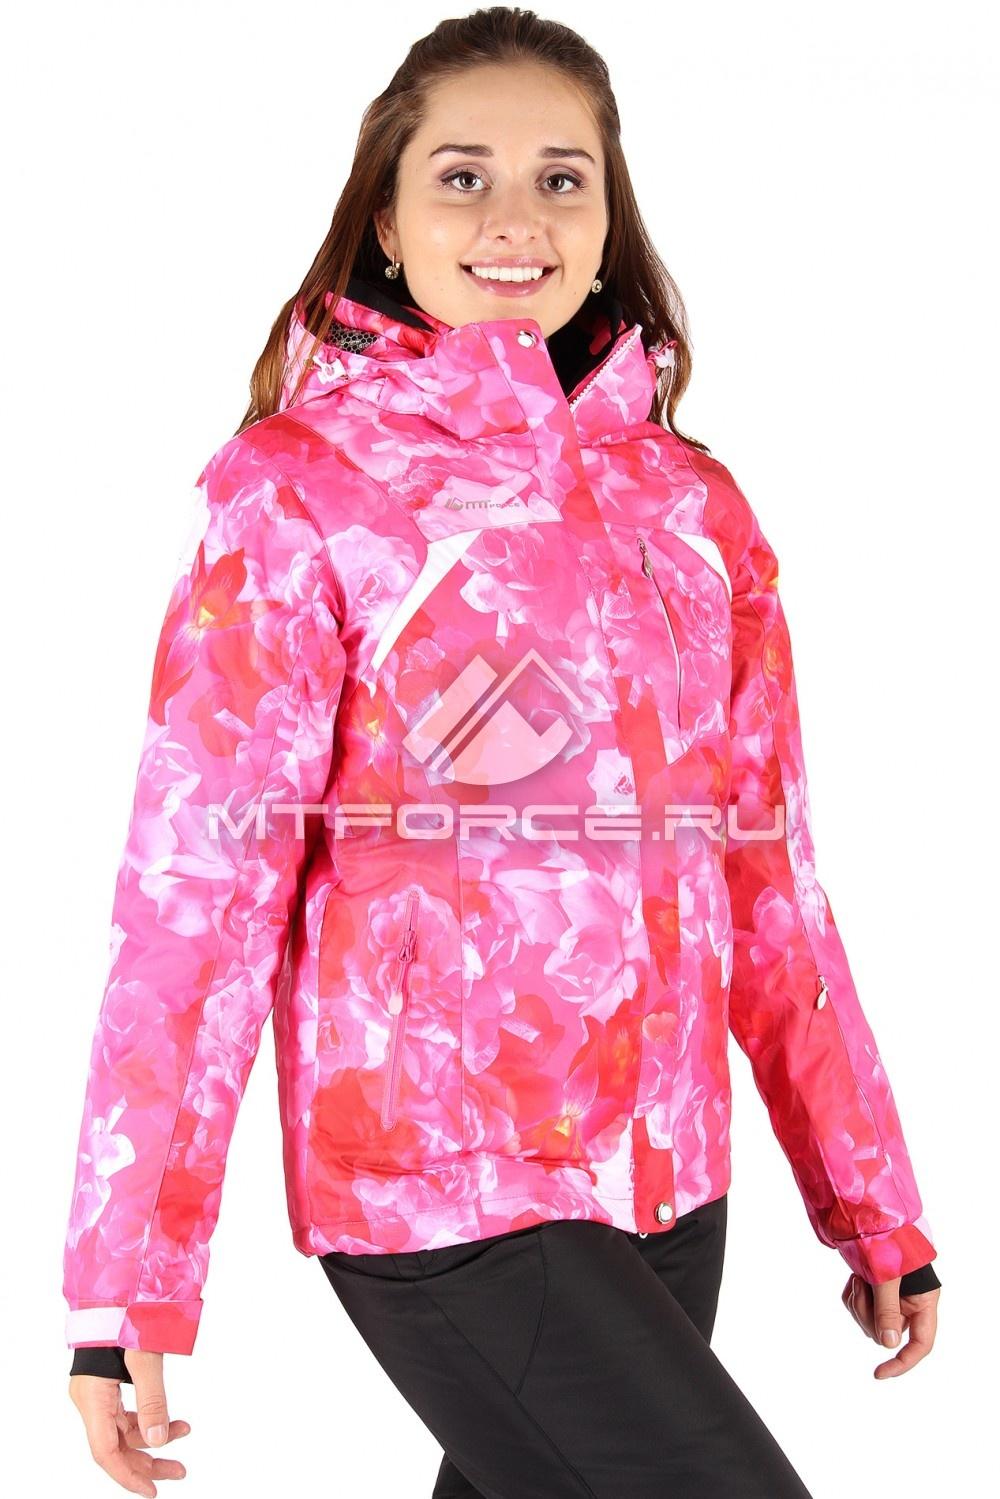 Купить                                  оптом Куртка горнолыжная женская розового цвета 14099R в Санкт-Петербурге